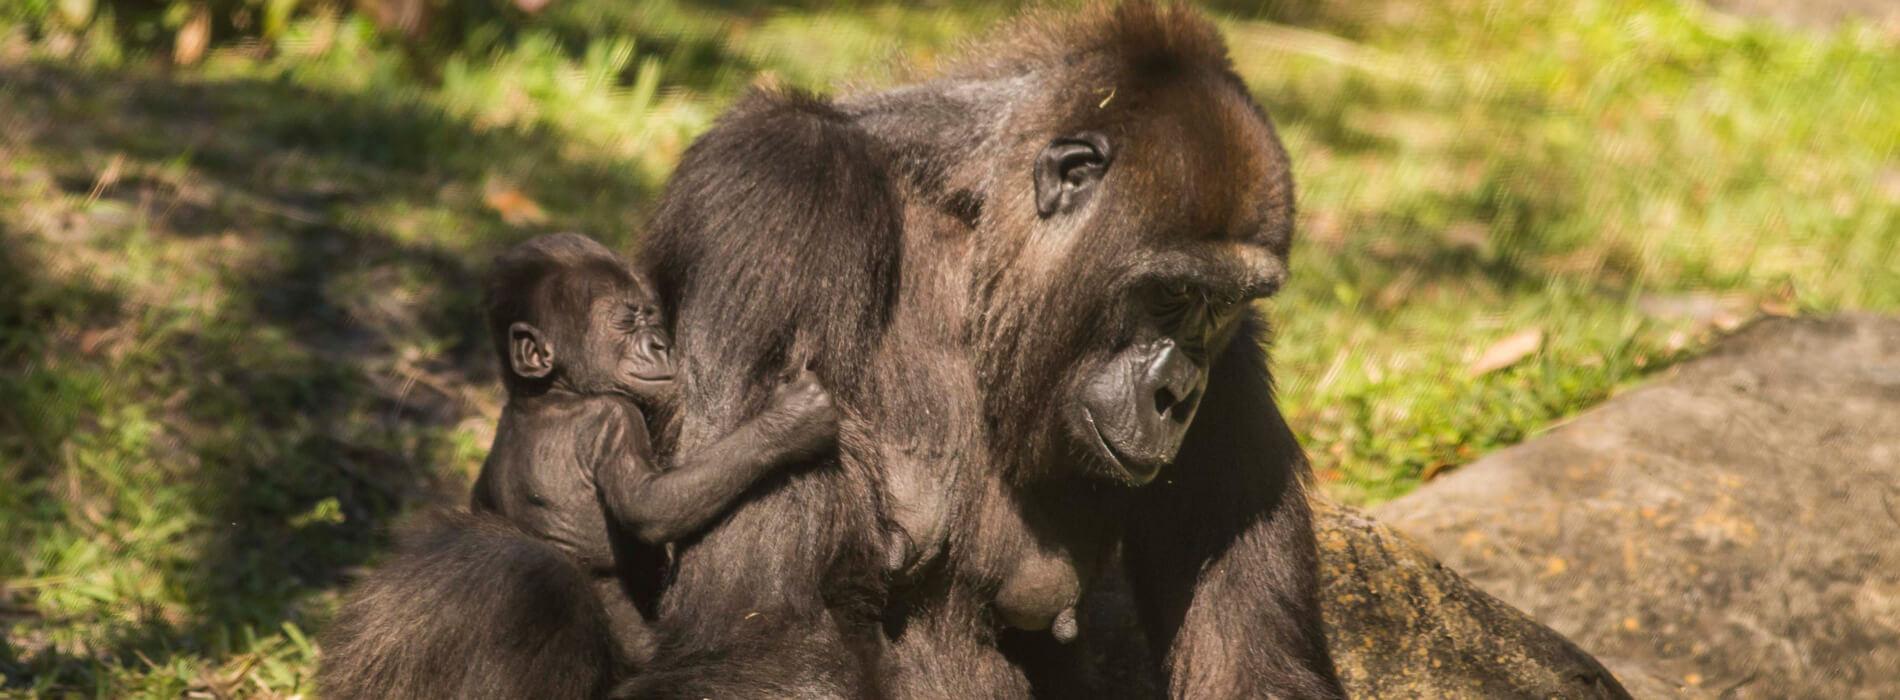 Gorillas at Busch Gardens Tampa Bay